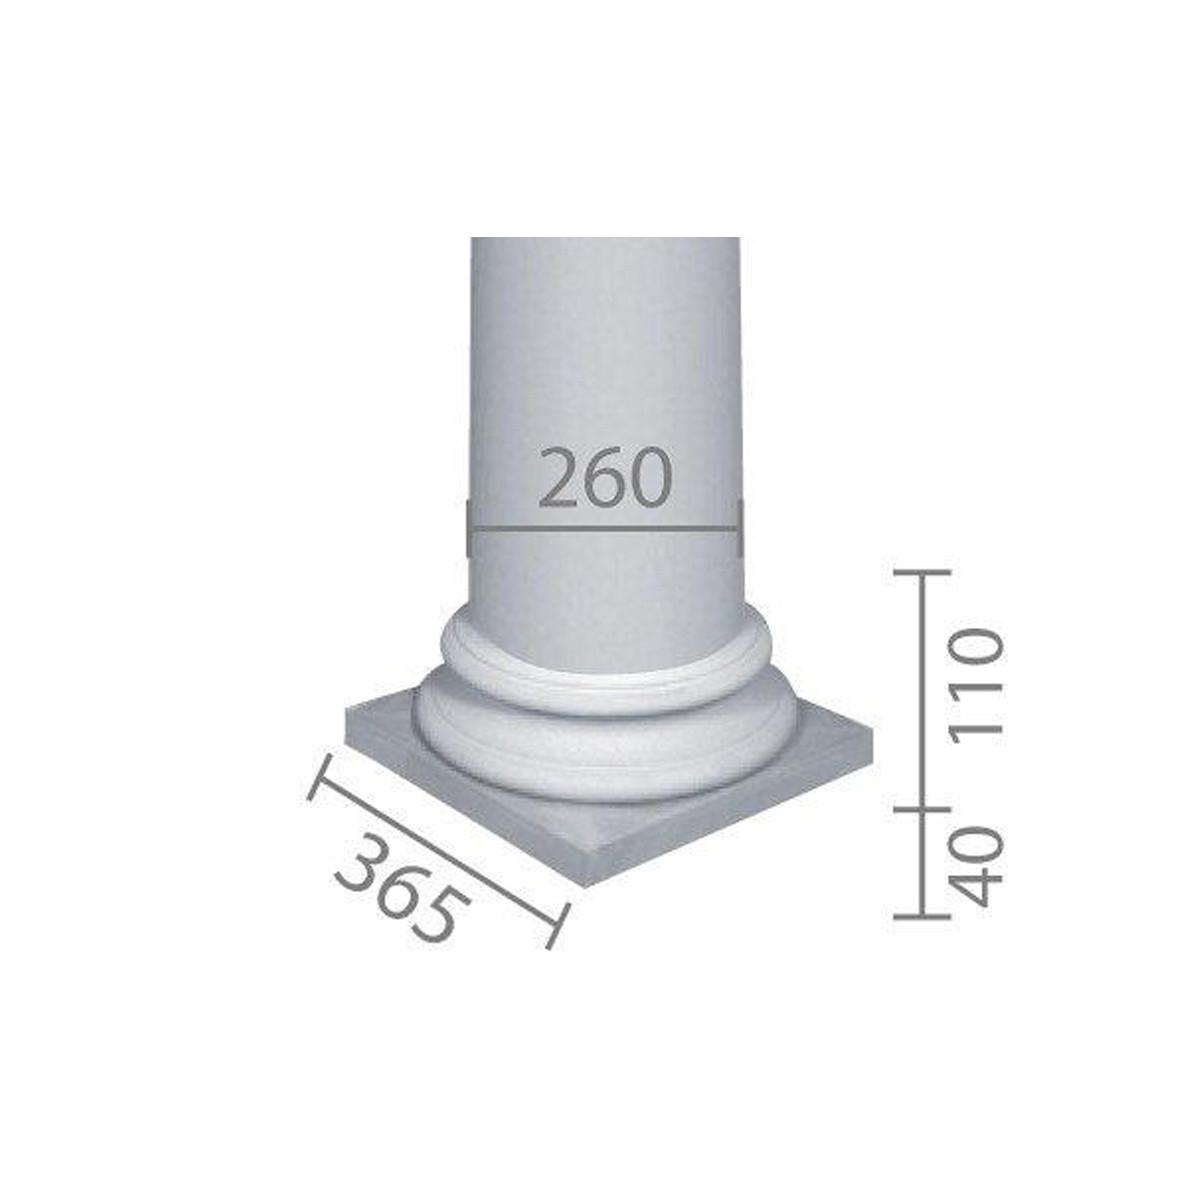 База колонны  б-66 1/2 (энтазис)